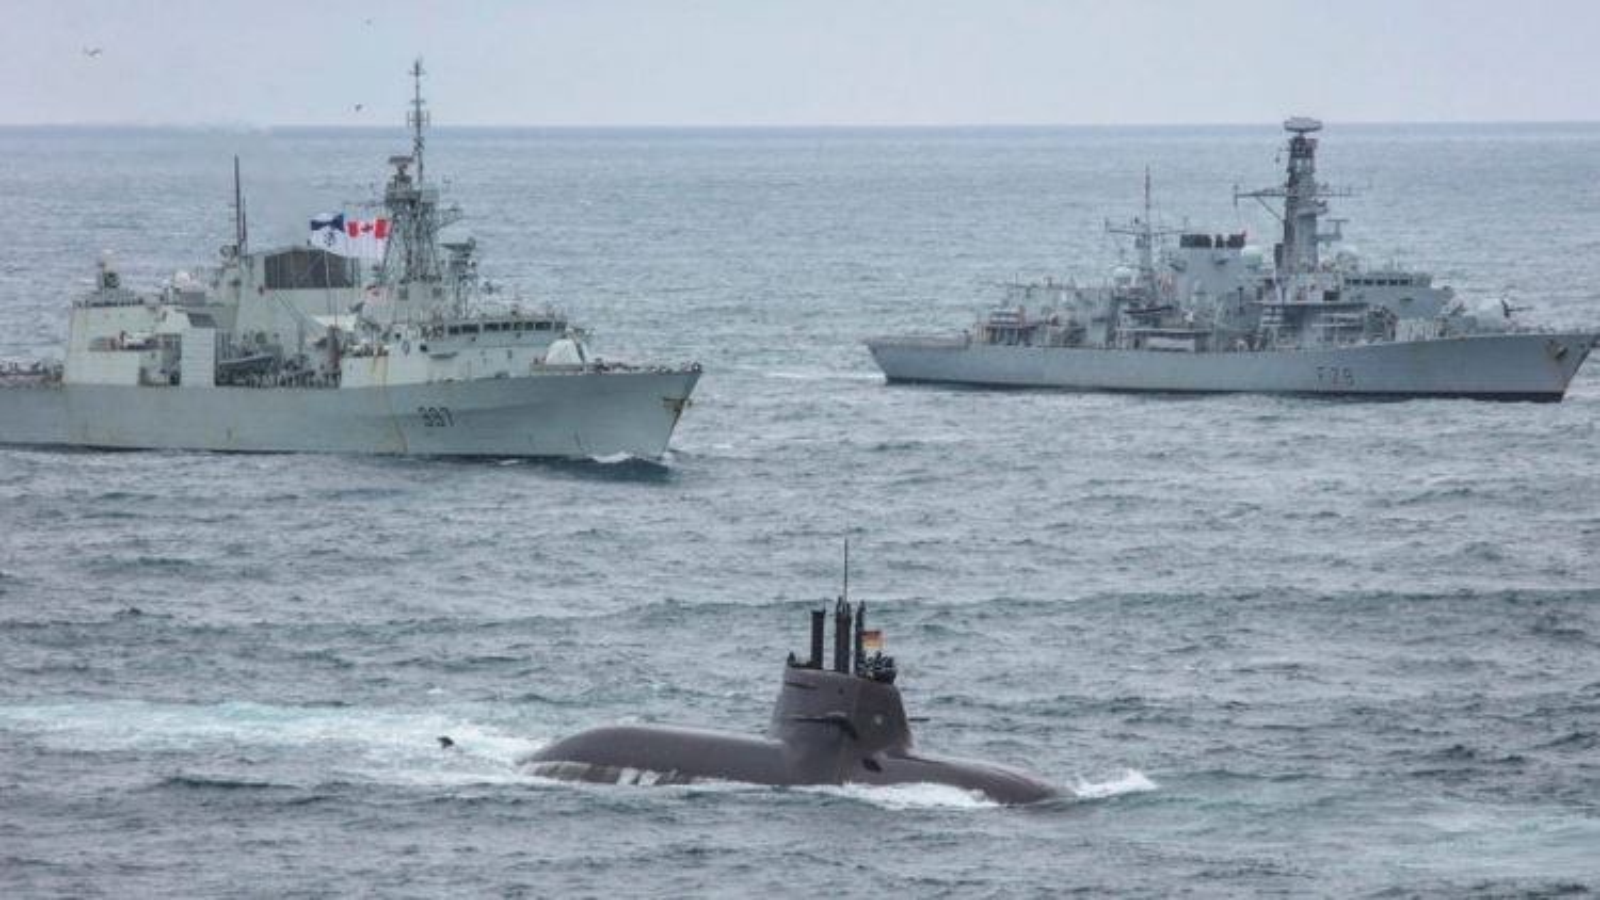 """Mỹ và đồng minh tăng cường nỗ lực tập trận nhằm """"săn"""" tàu ngầm Nga - Trung"""